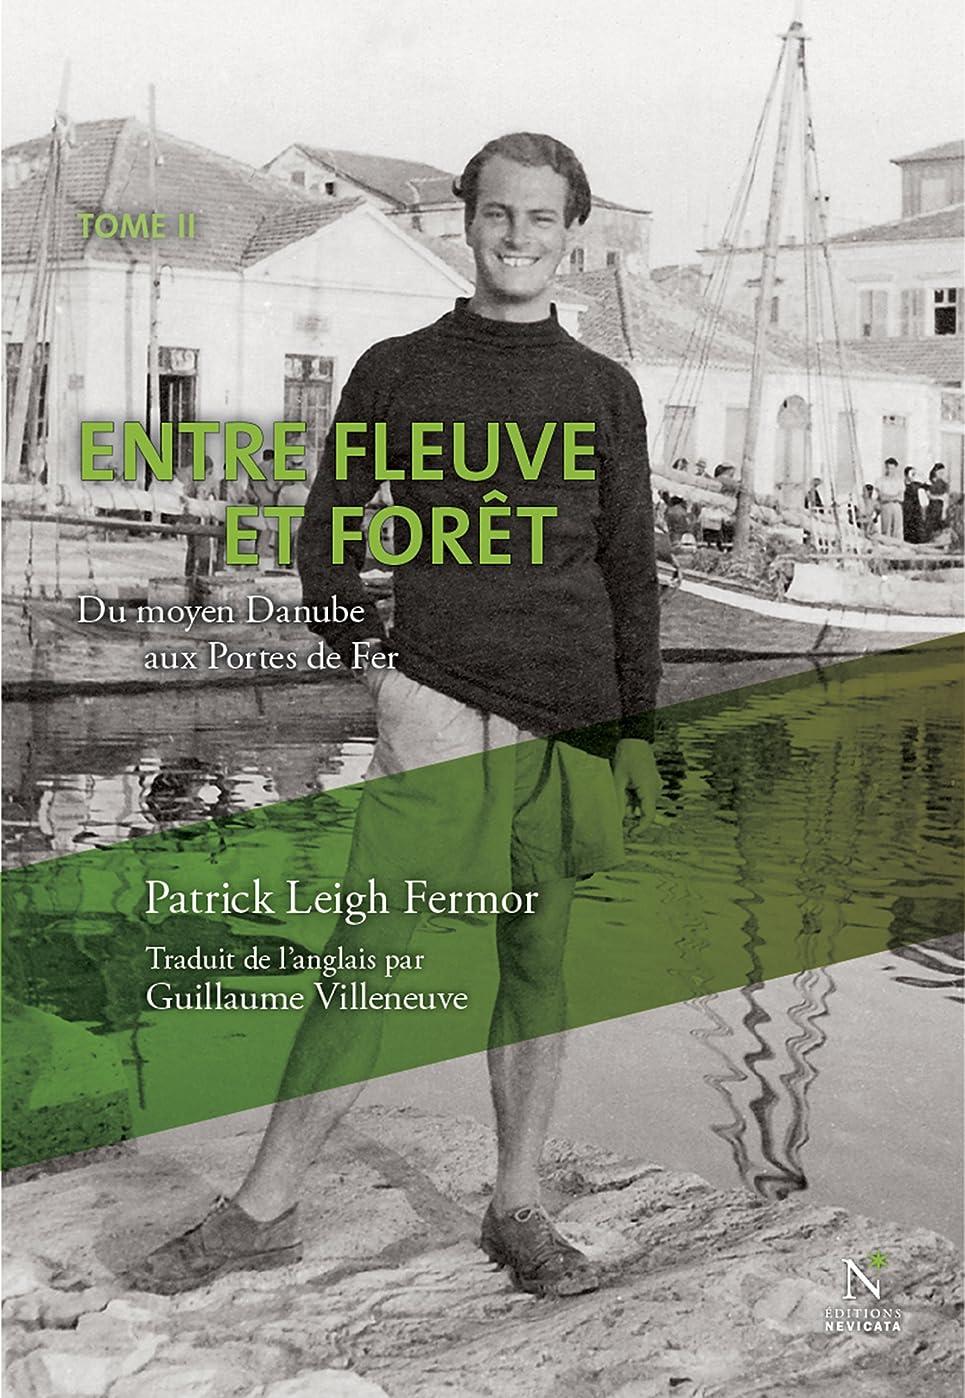 ぼんやりした明らかにする甘味Entre fleuve et forêt: Du moyen Danube aux Portes de Fer (Dans la nuit et le vent t. 2) (French Edition)